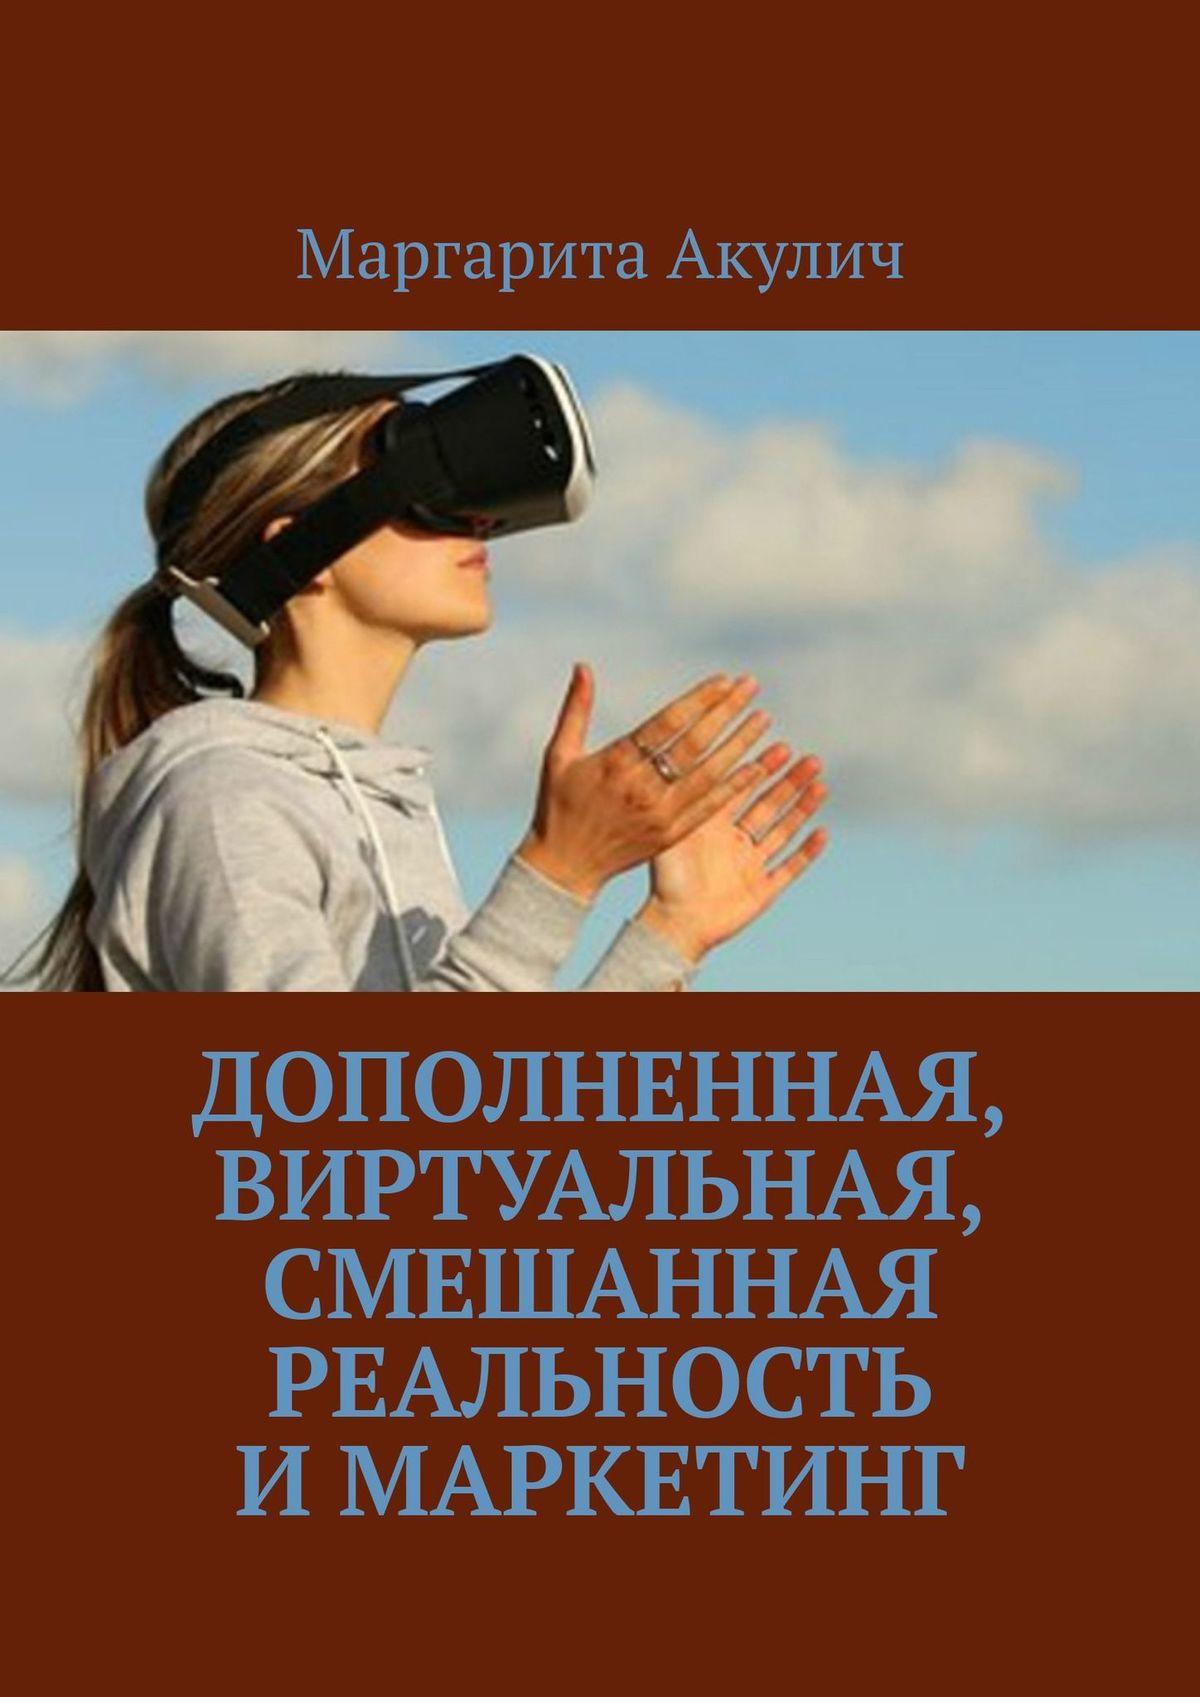 Маргарита Акулич Дополненная, виртуальная, смешанная реальность и маркетинг